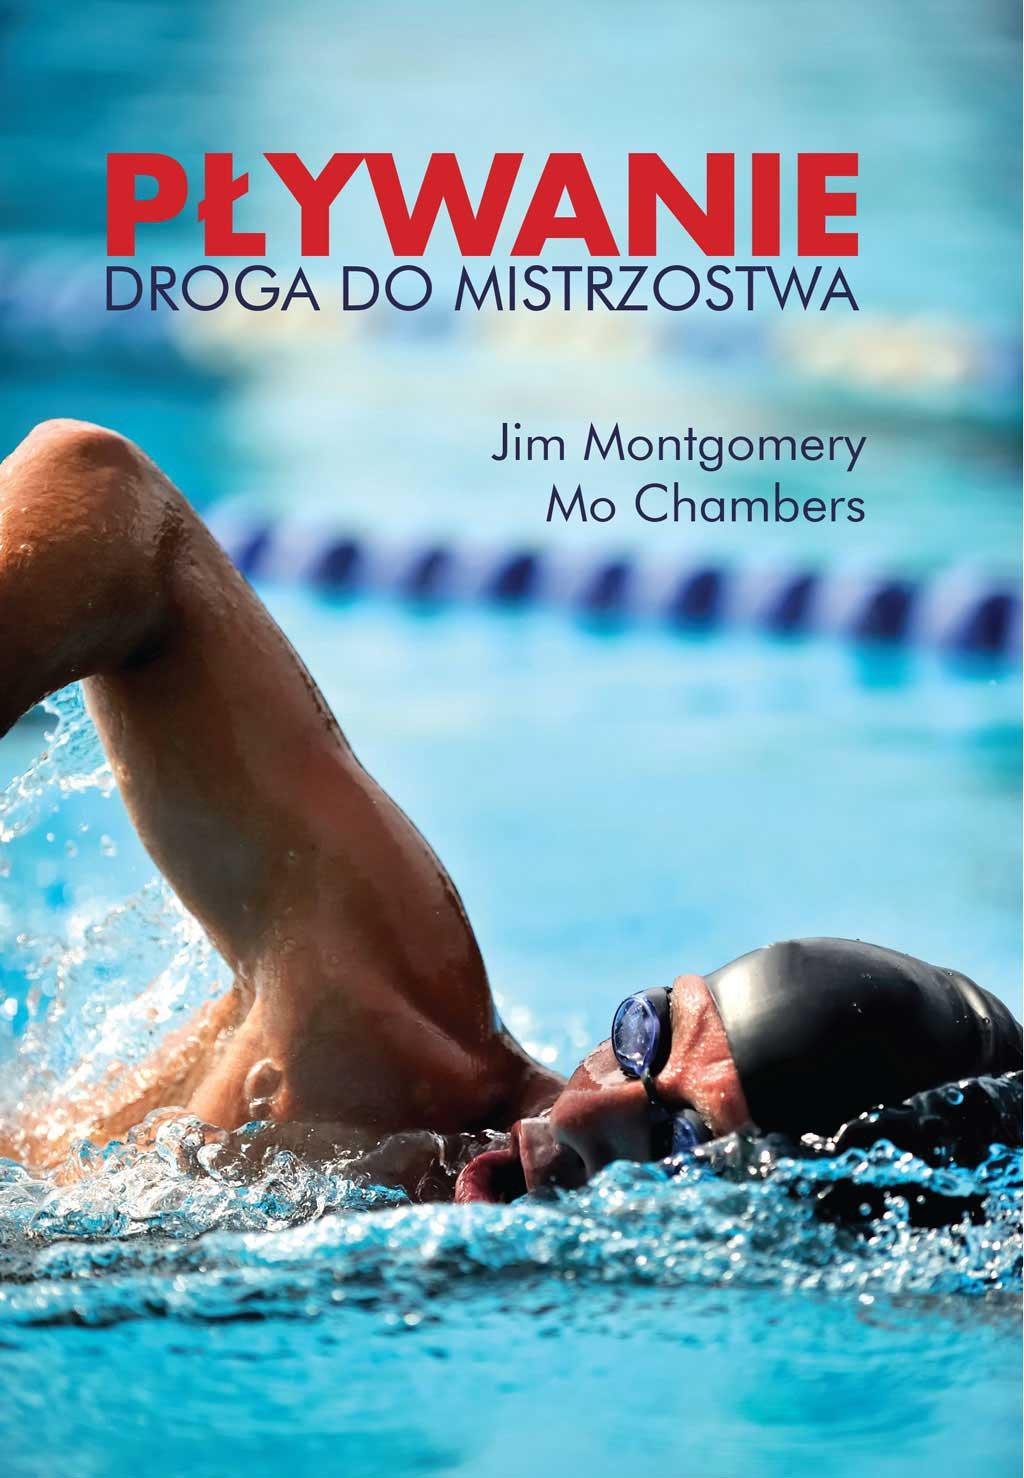 Pływanie. Droga do mistrzostwa - Ebook (Książka EPUB) do pobrania w formacie EPUB